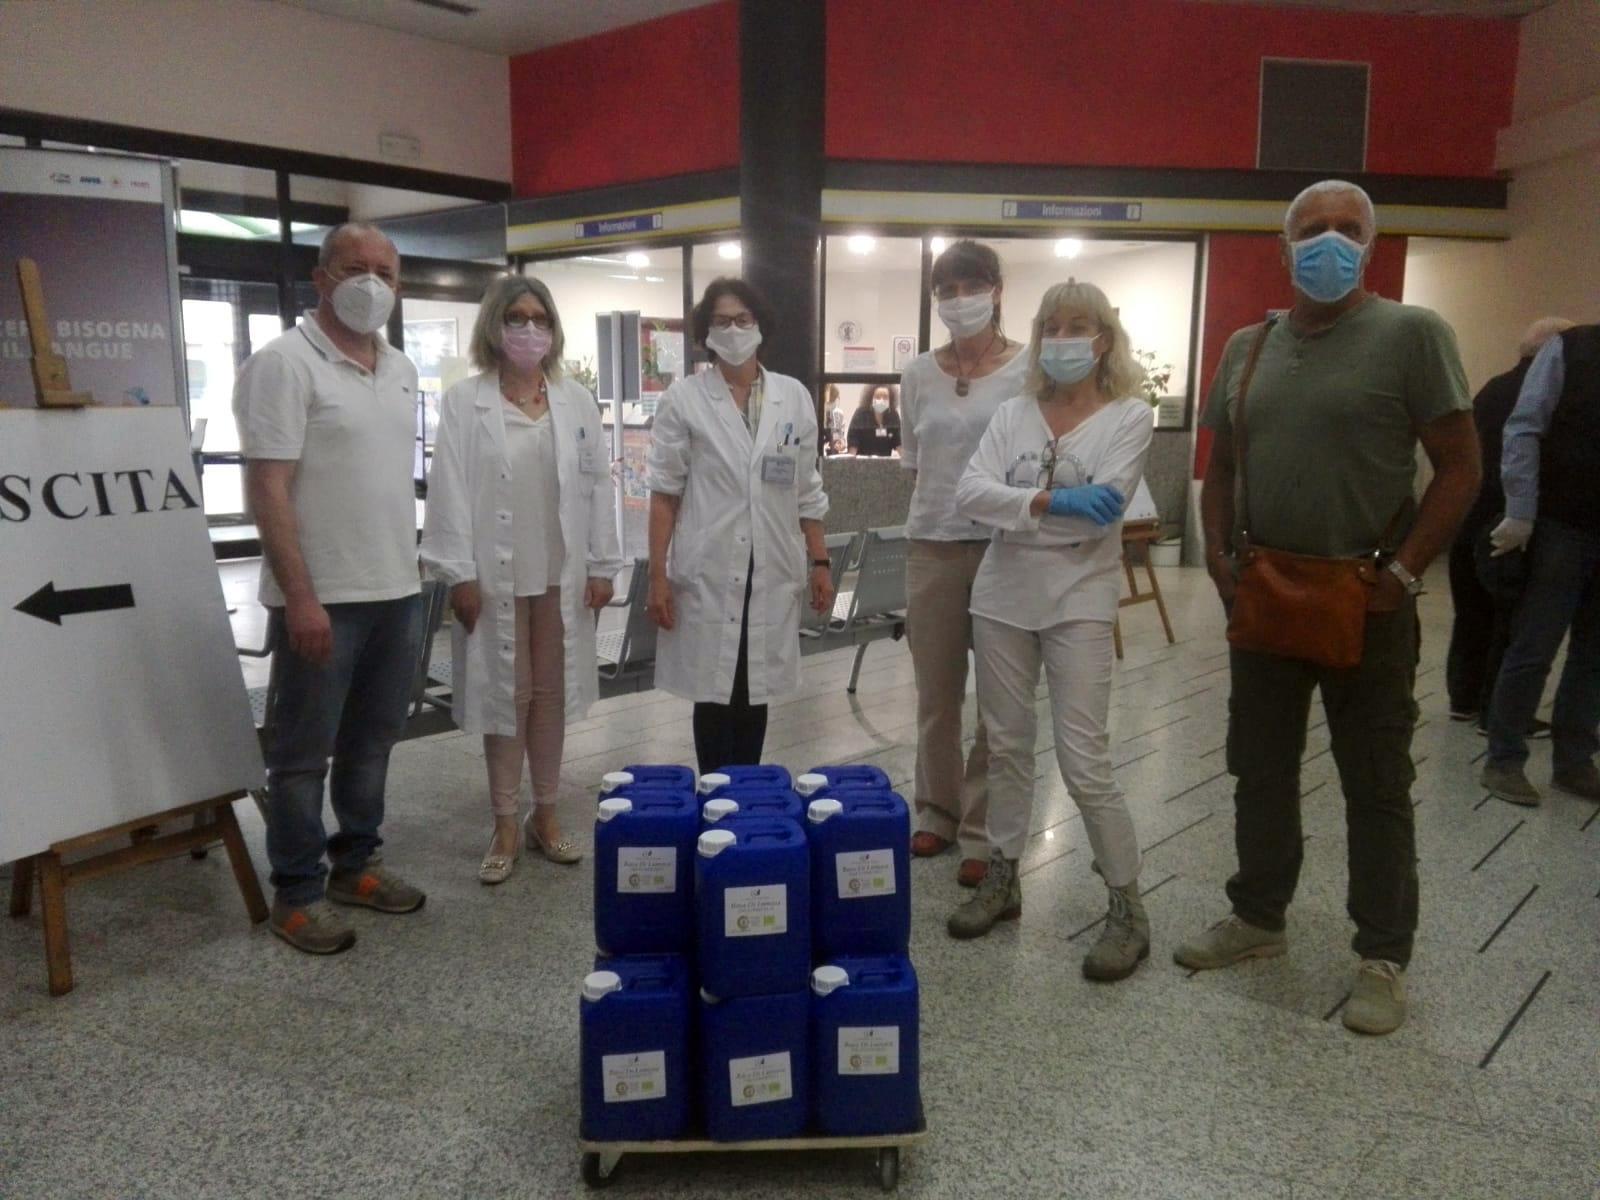 Il senso della solidarietà. Coronavirus, da un'azienda senese bava di lumaca per rigenerare la pelle dei sanitari